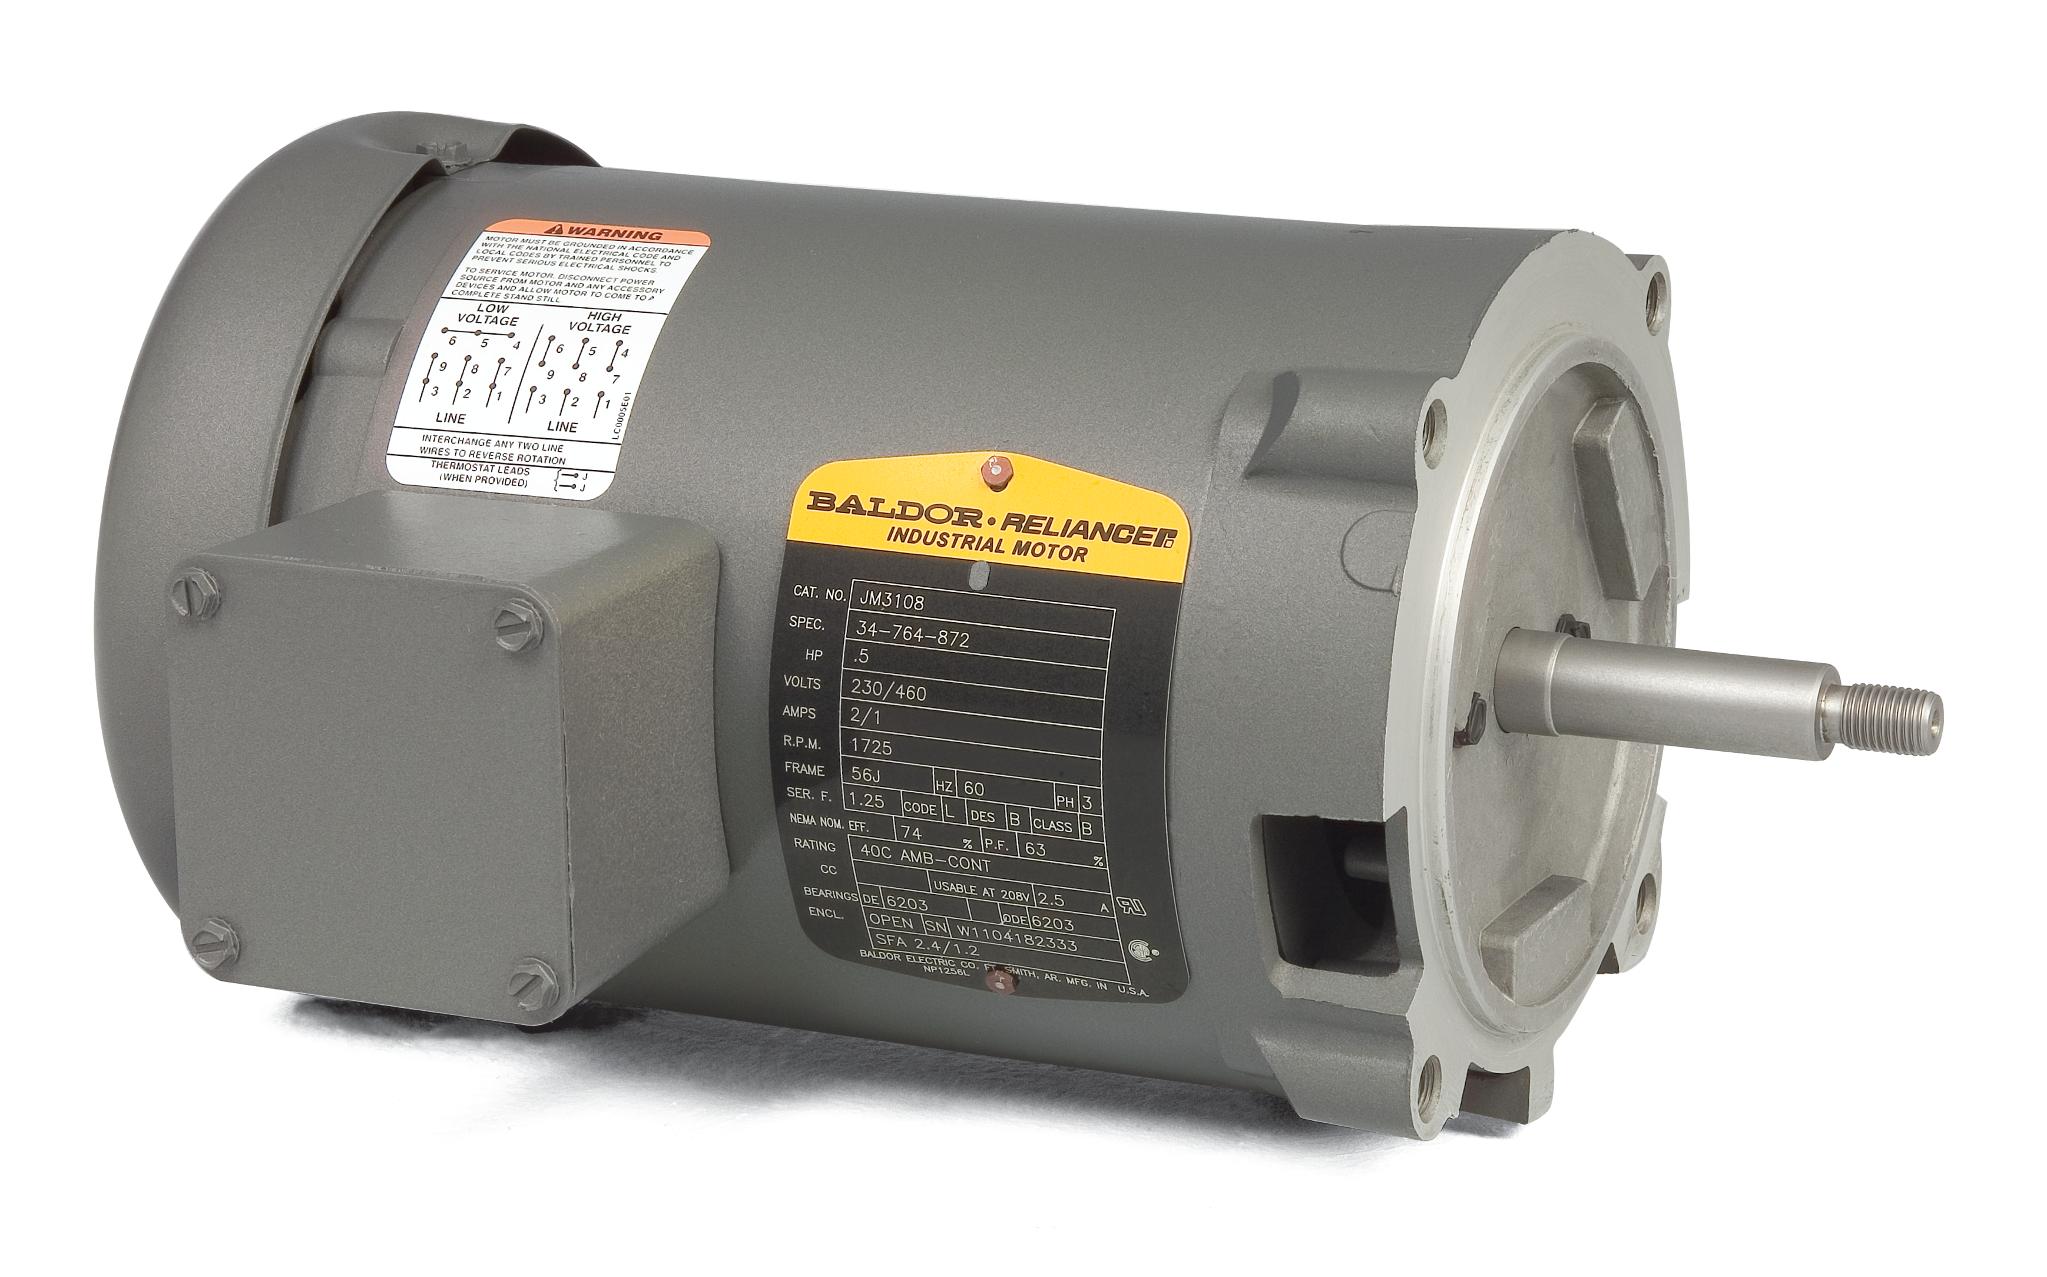 Baldor Industrial Motor Wiring Diagram Schematic F700 Hydraulic Brake System On 89 Dodge Van Jm3120 112hp Jet Pump Mtr 15hp3450rpm3ph60hz56j3424m Rhsteinerelectric At Selfit